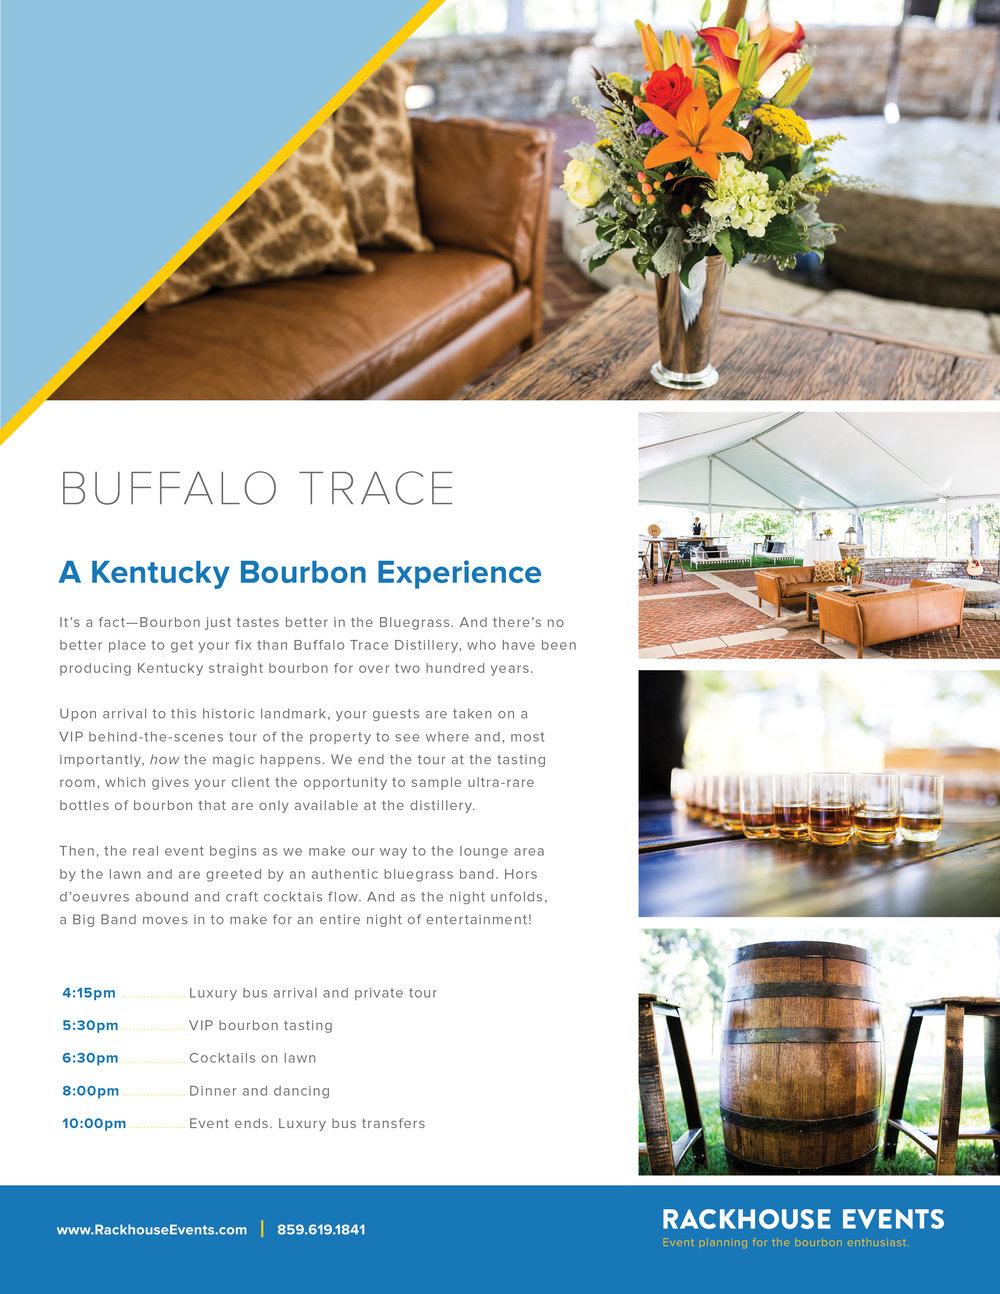 Rackhouse_OnePager_BuffaloTrace.jpg